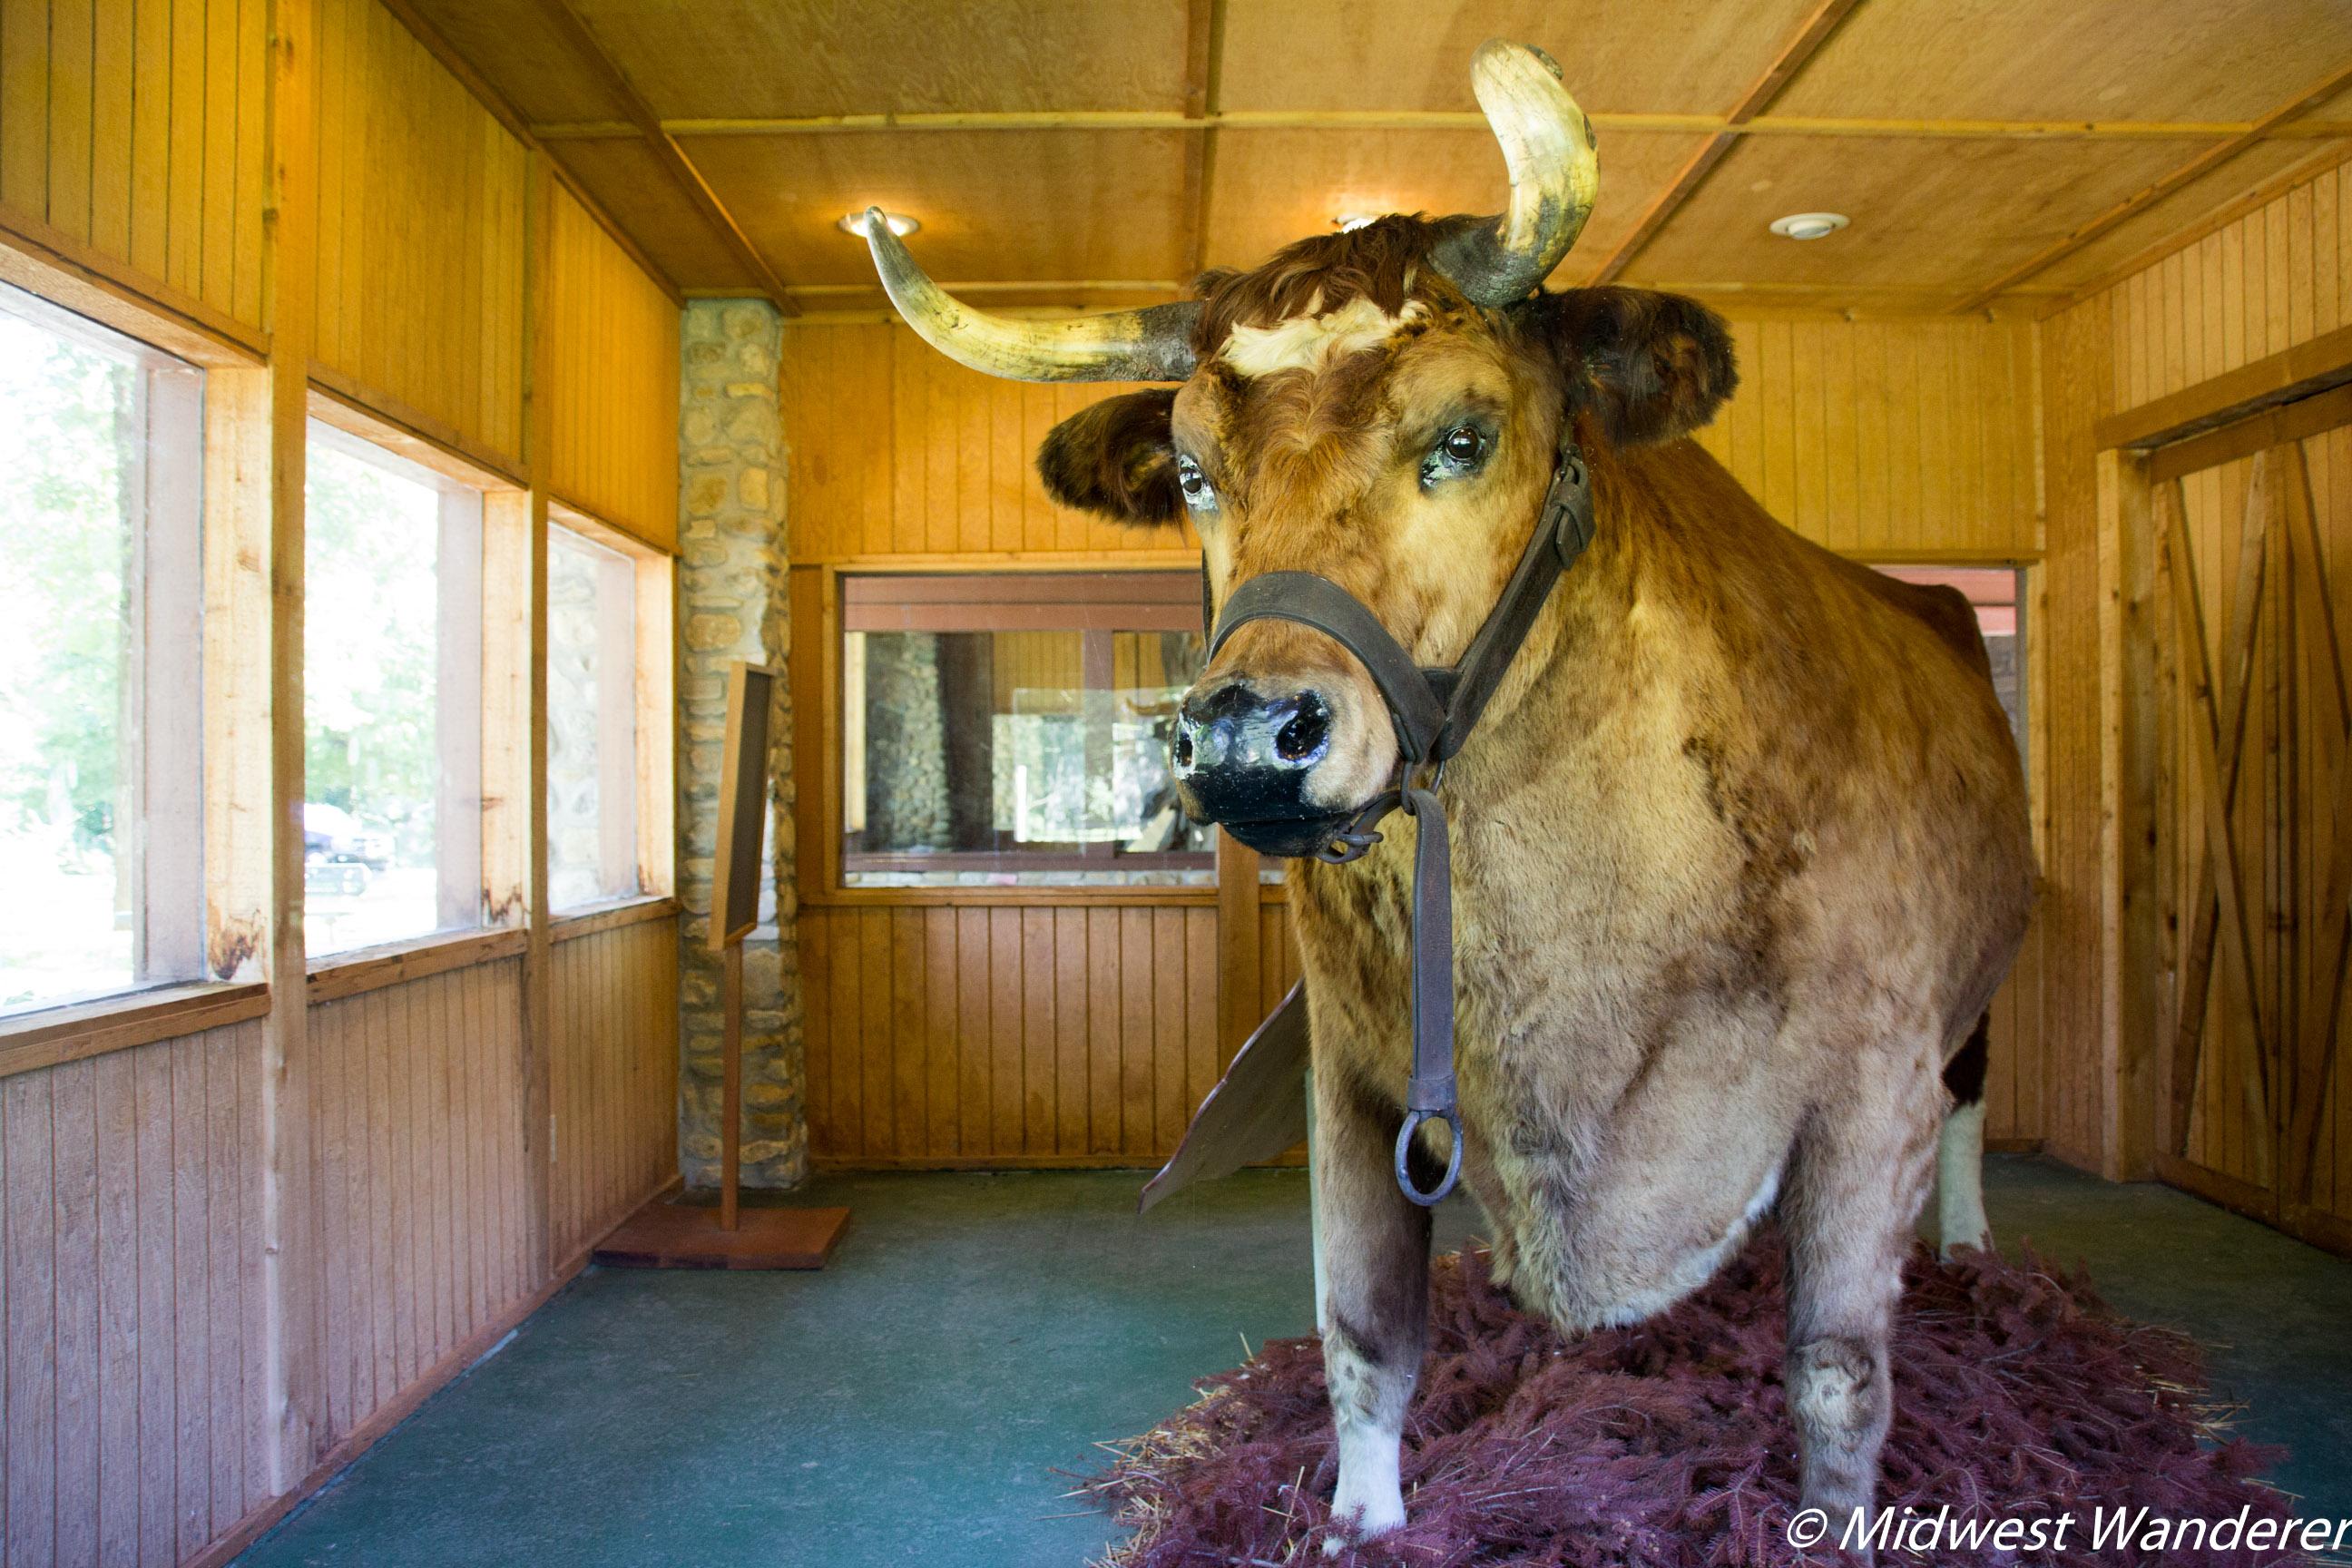 Old Ben, Worlds Largest Steer